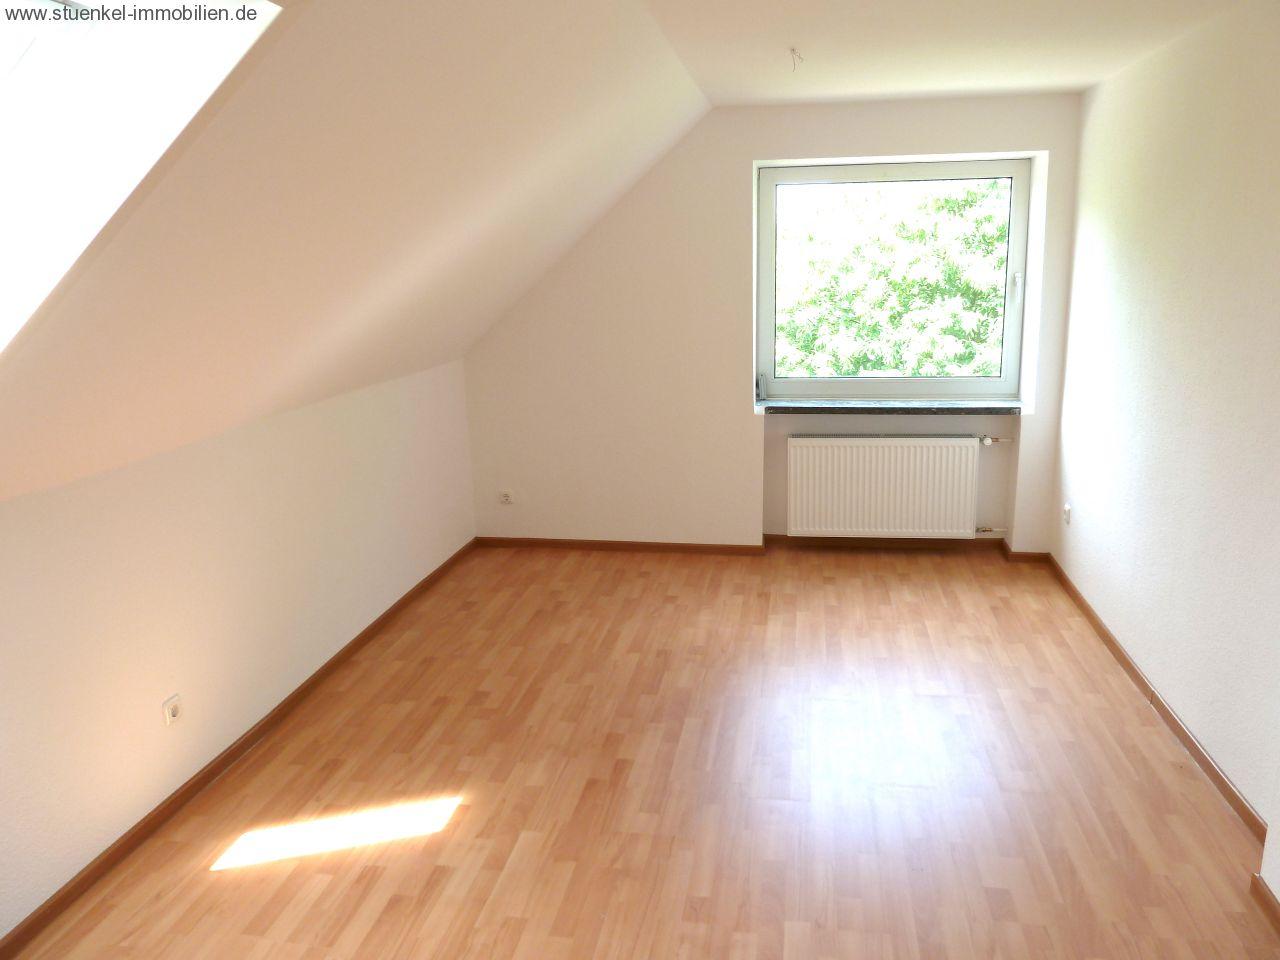 awesome moderne renovierung wohnzimmer photos